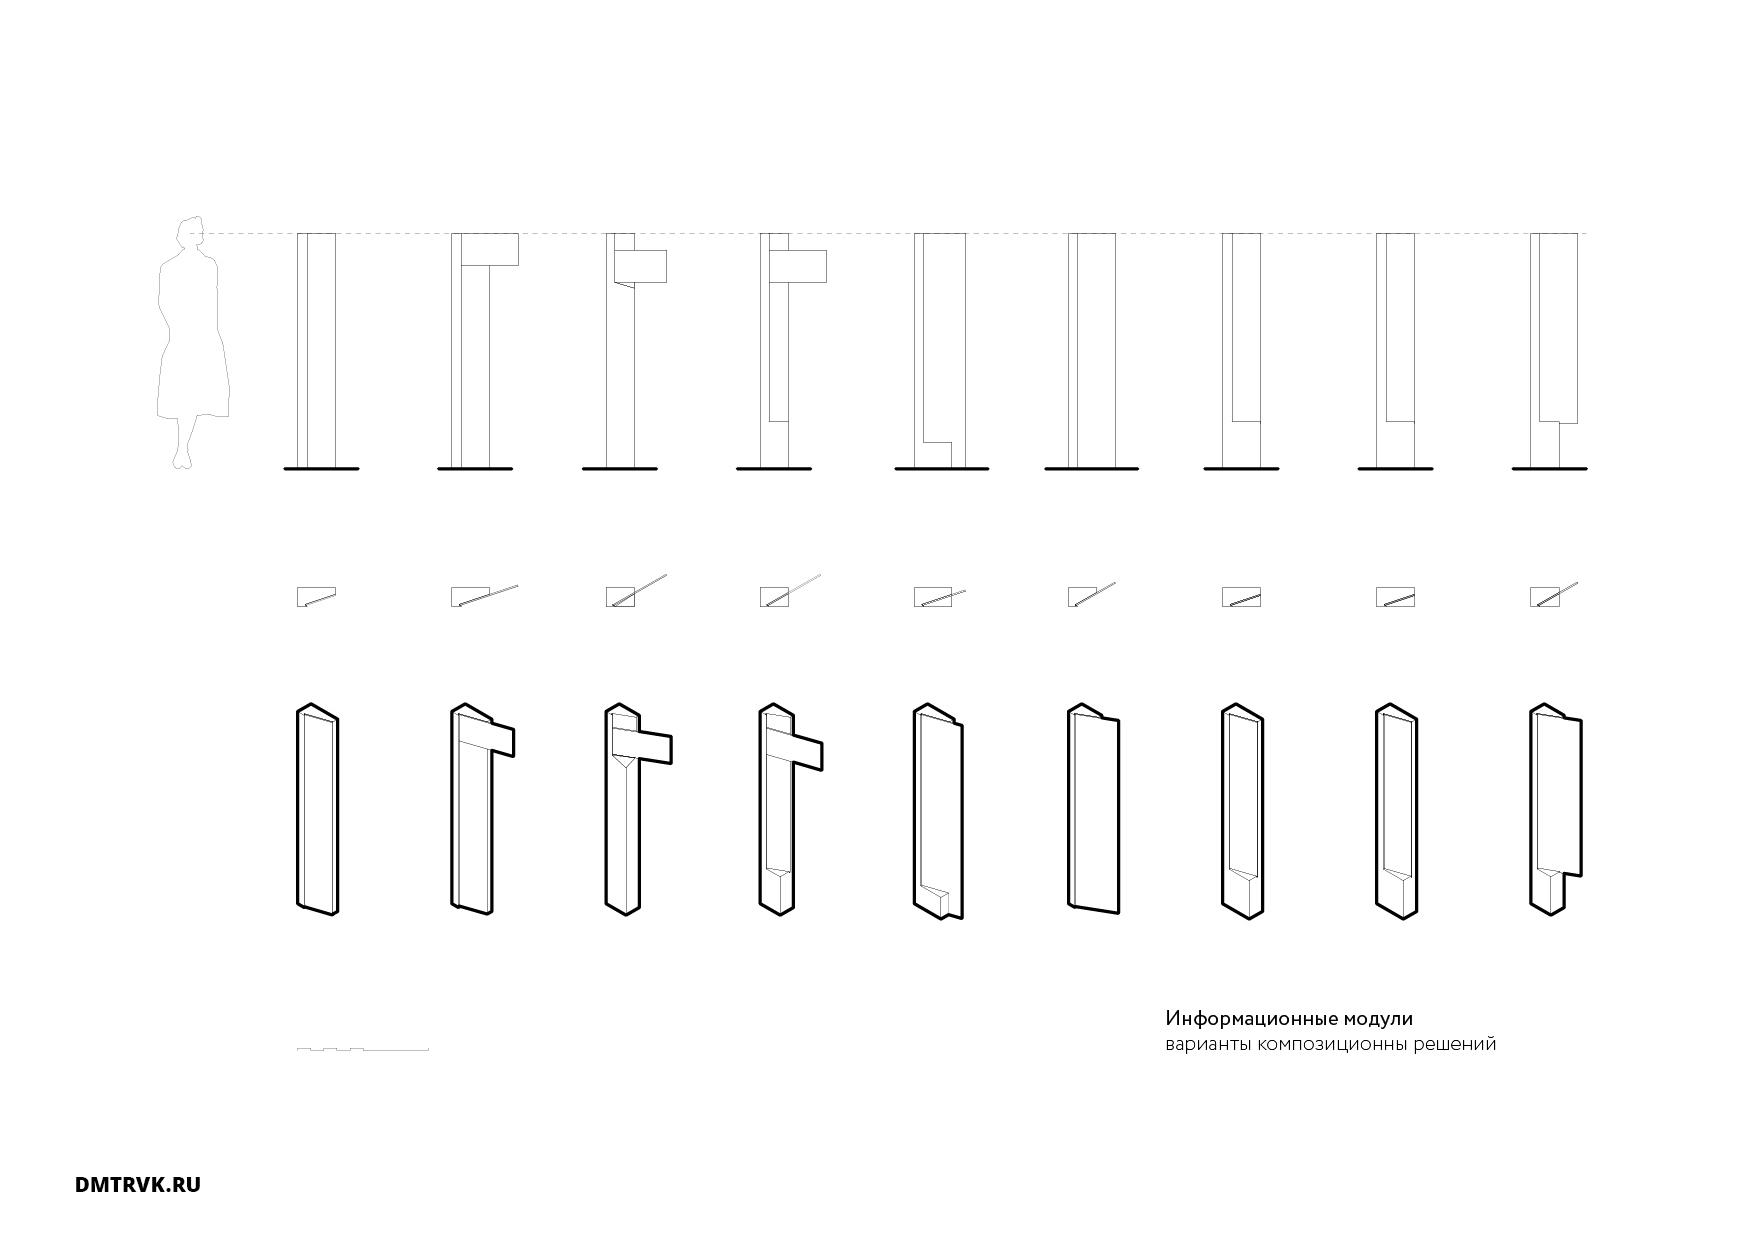 Навигационные стенды, варианты композиционных решений. ©DMTRVK.